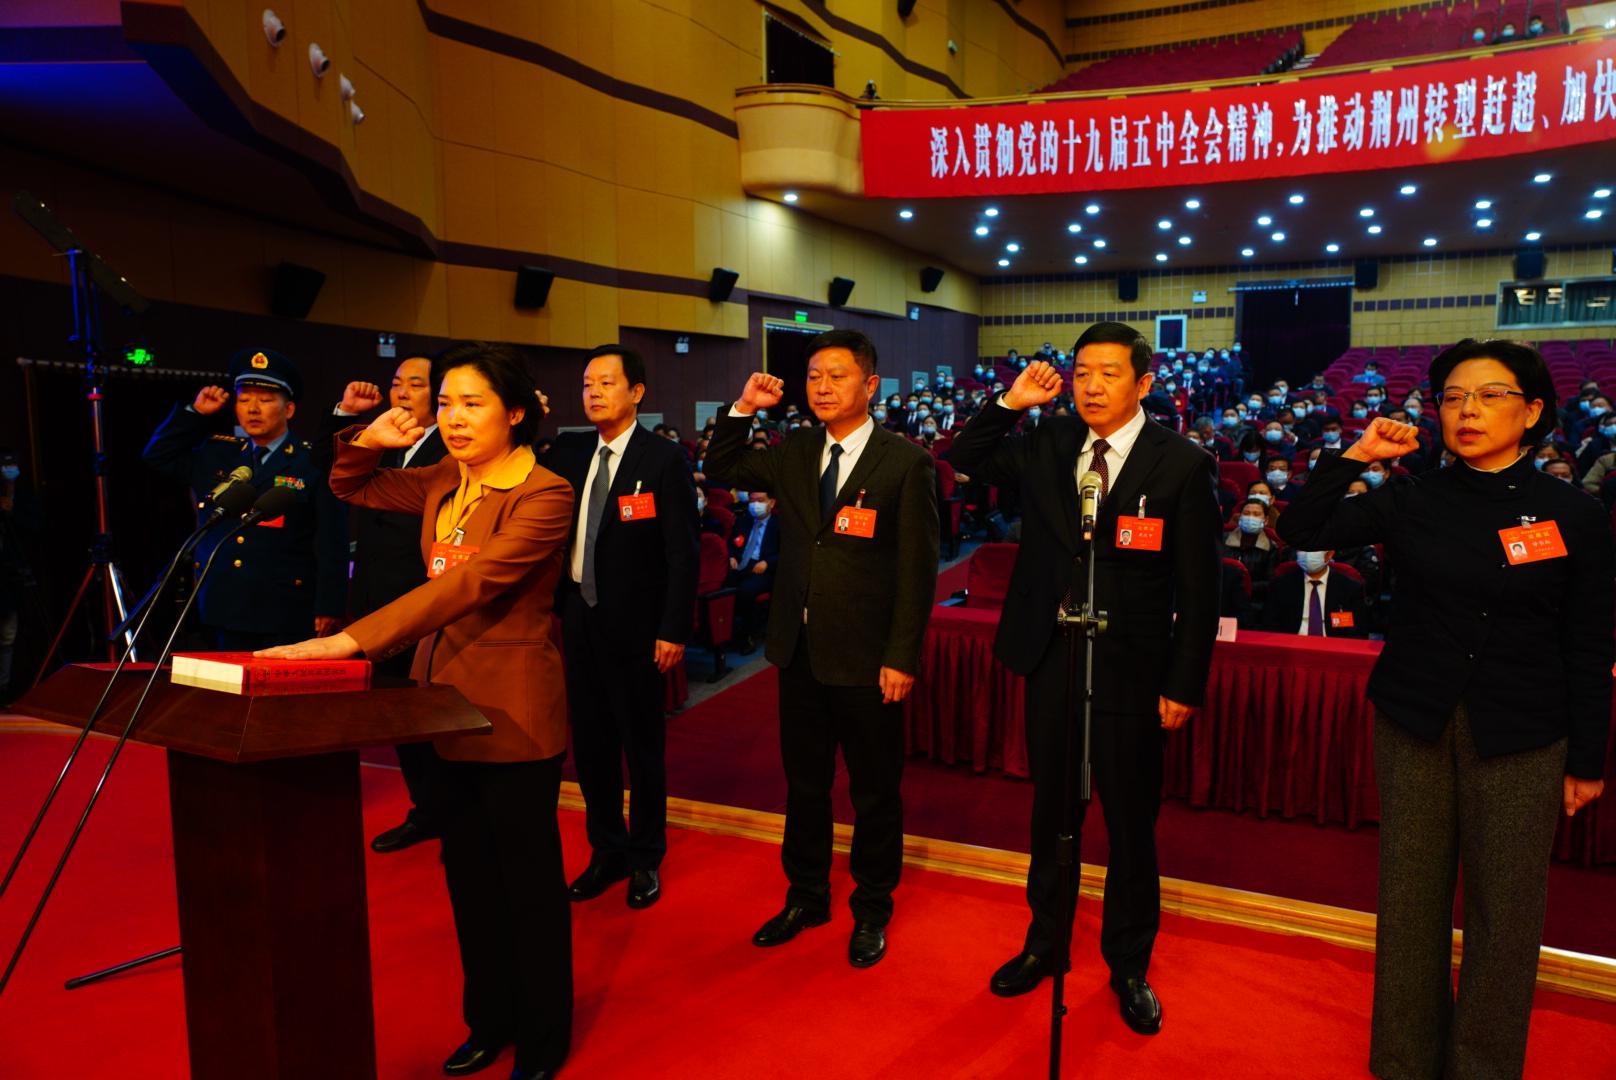 建市26年,荆州产生了首位女市长